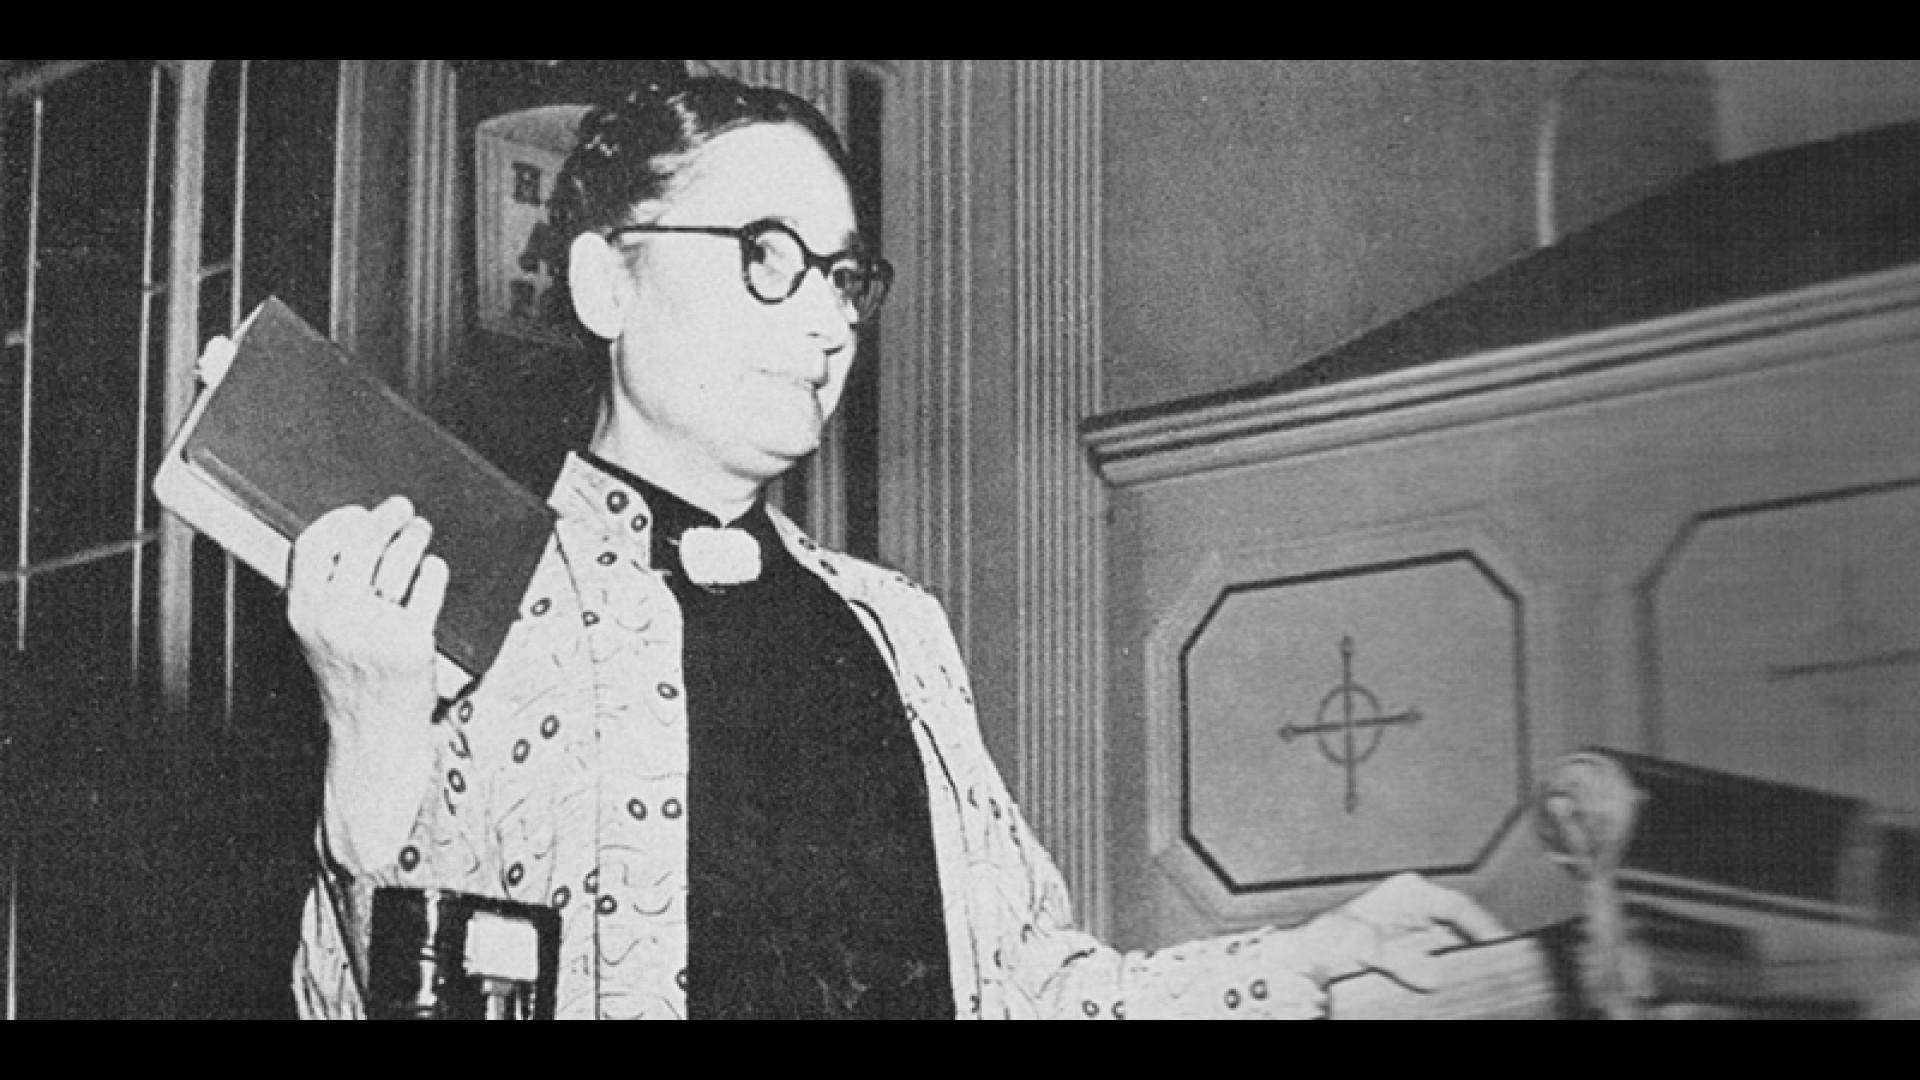 GLADYS AYLWARD : LA MISIONERA QUE HIZO HISTORIA